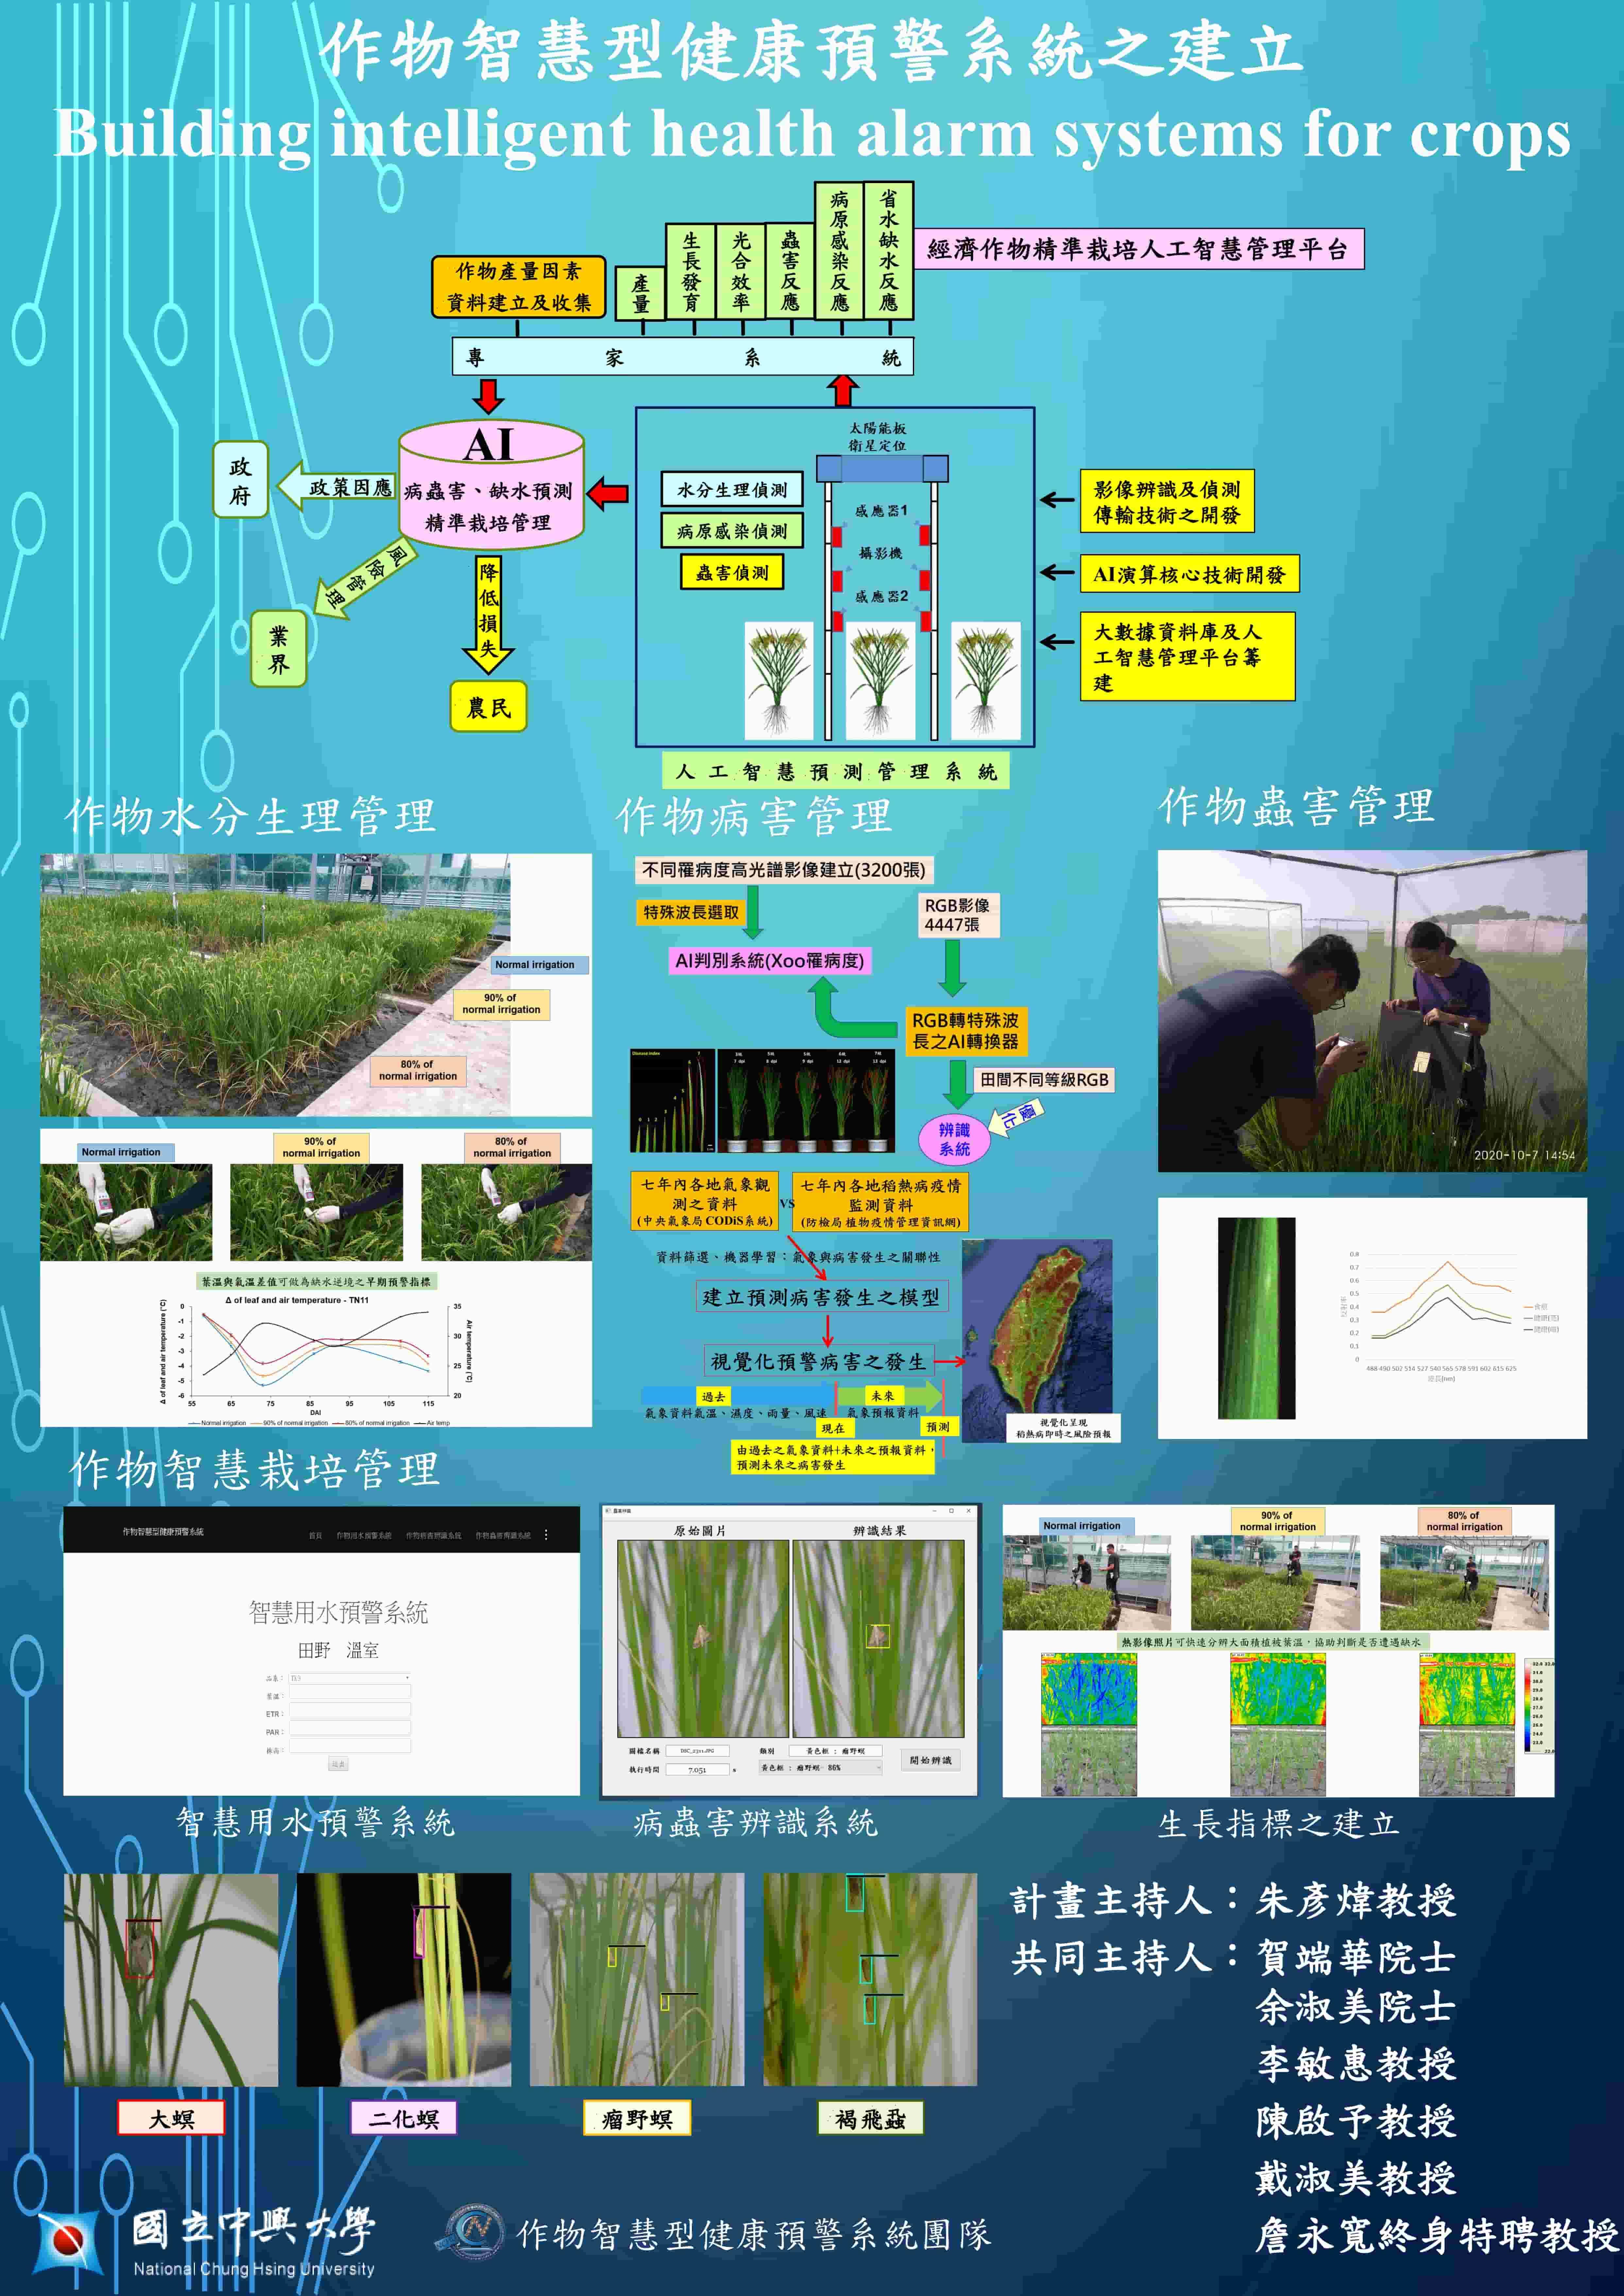 應用作物生理指標建立需水超前預警系統